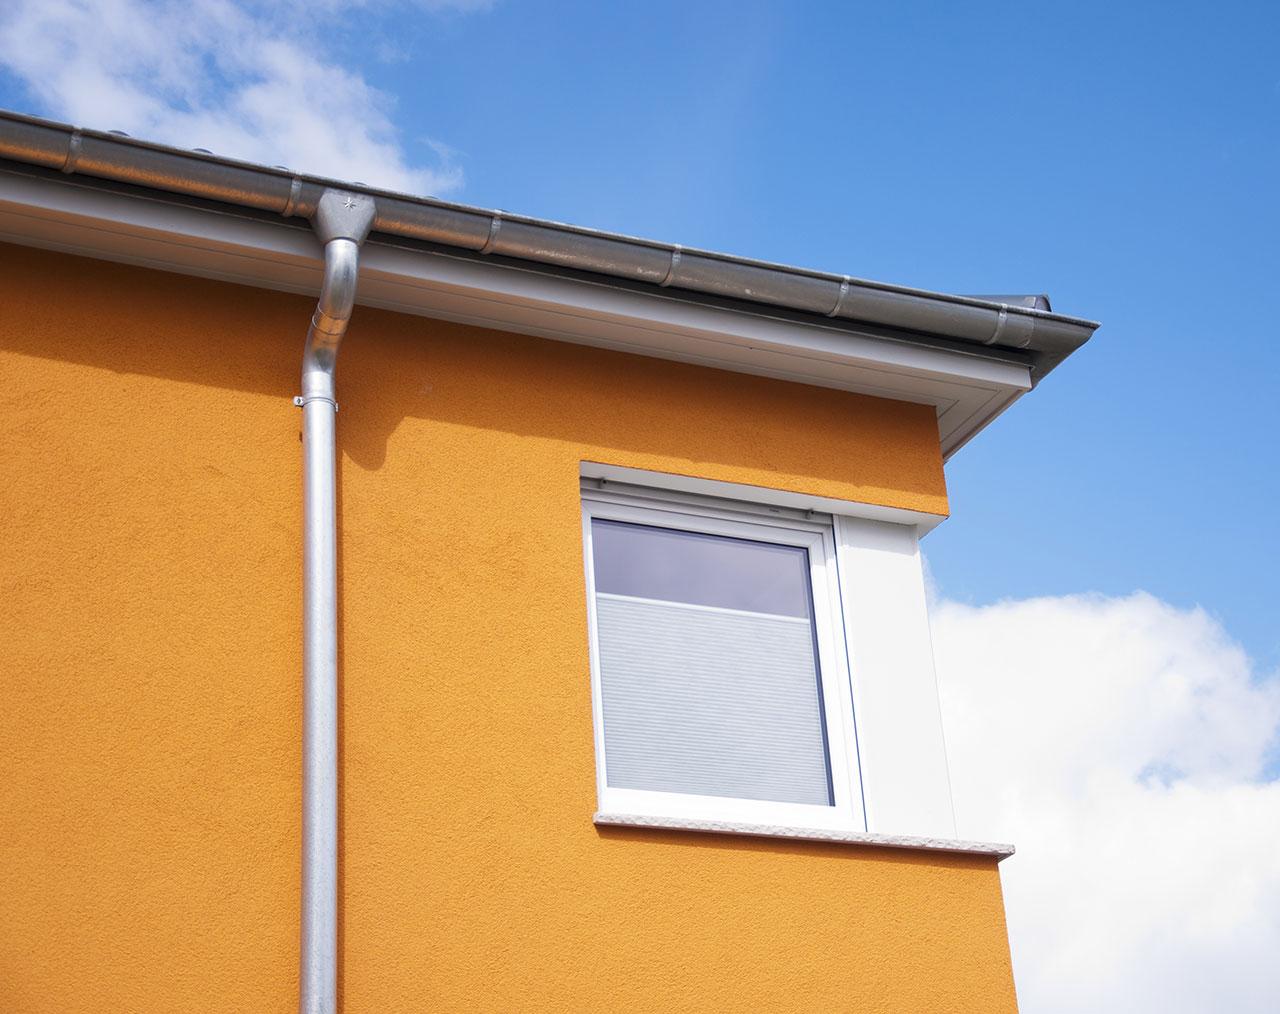 Auch ein korrekter Dachüberstand schützt die Fassade und verhindert so wirksam Algen und Pilze